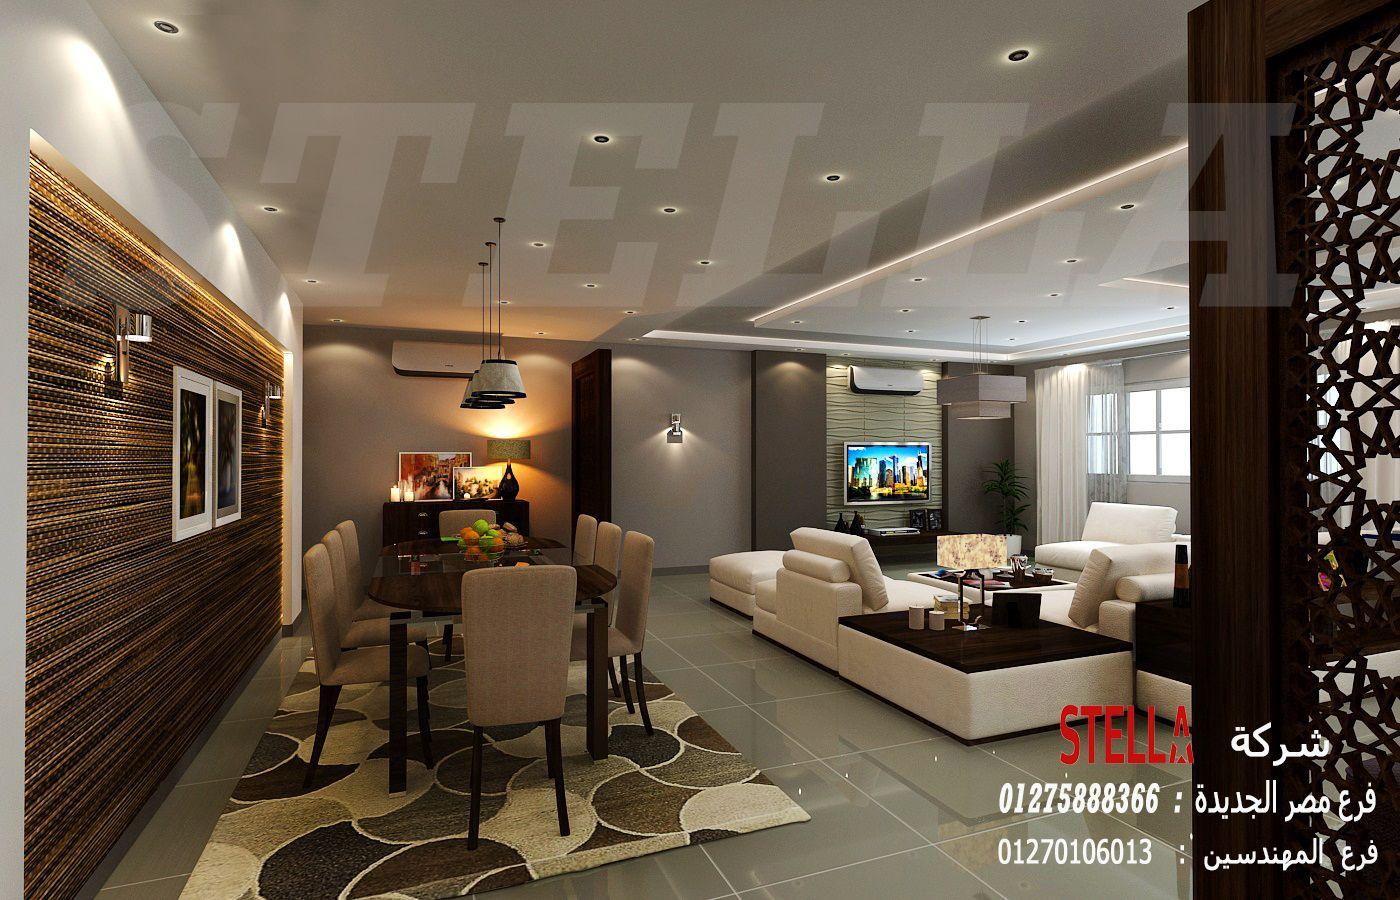 مكتب تصميم ديكورات شركة ستيلا للتشطيب والديكور يمكنك التواصل معنا علي الواتساب اضغط هنا In 2020 Home Decor Furniture Home